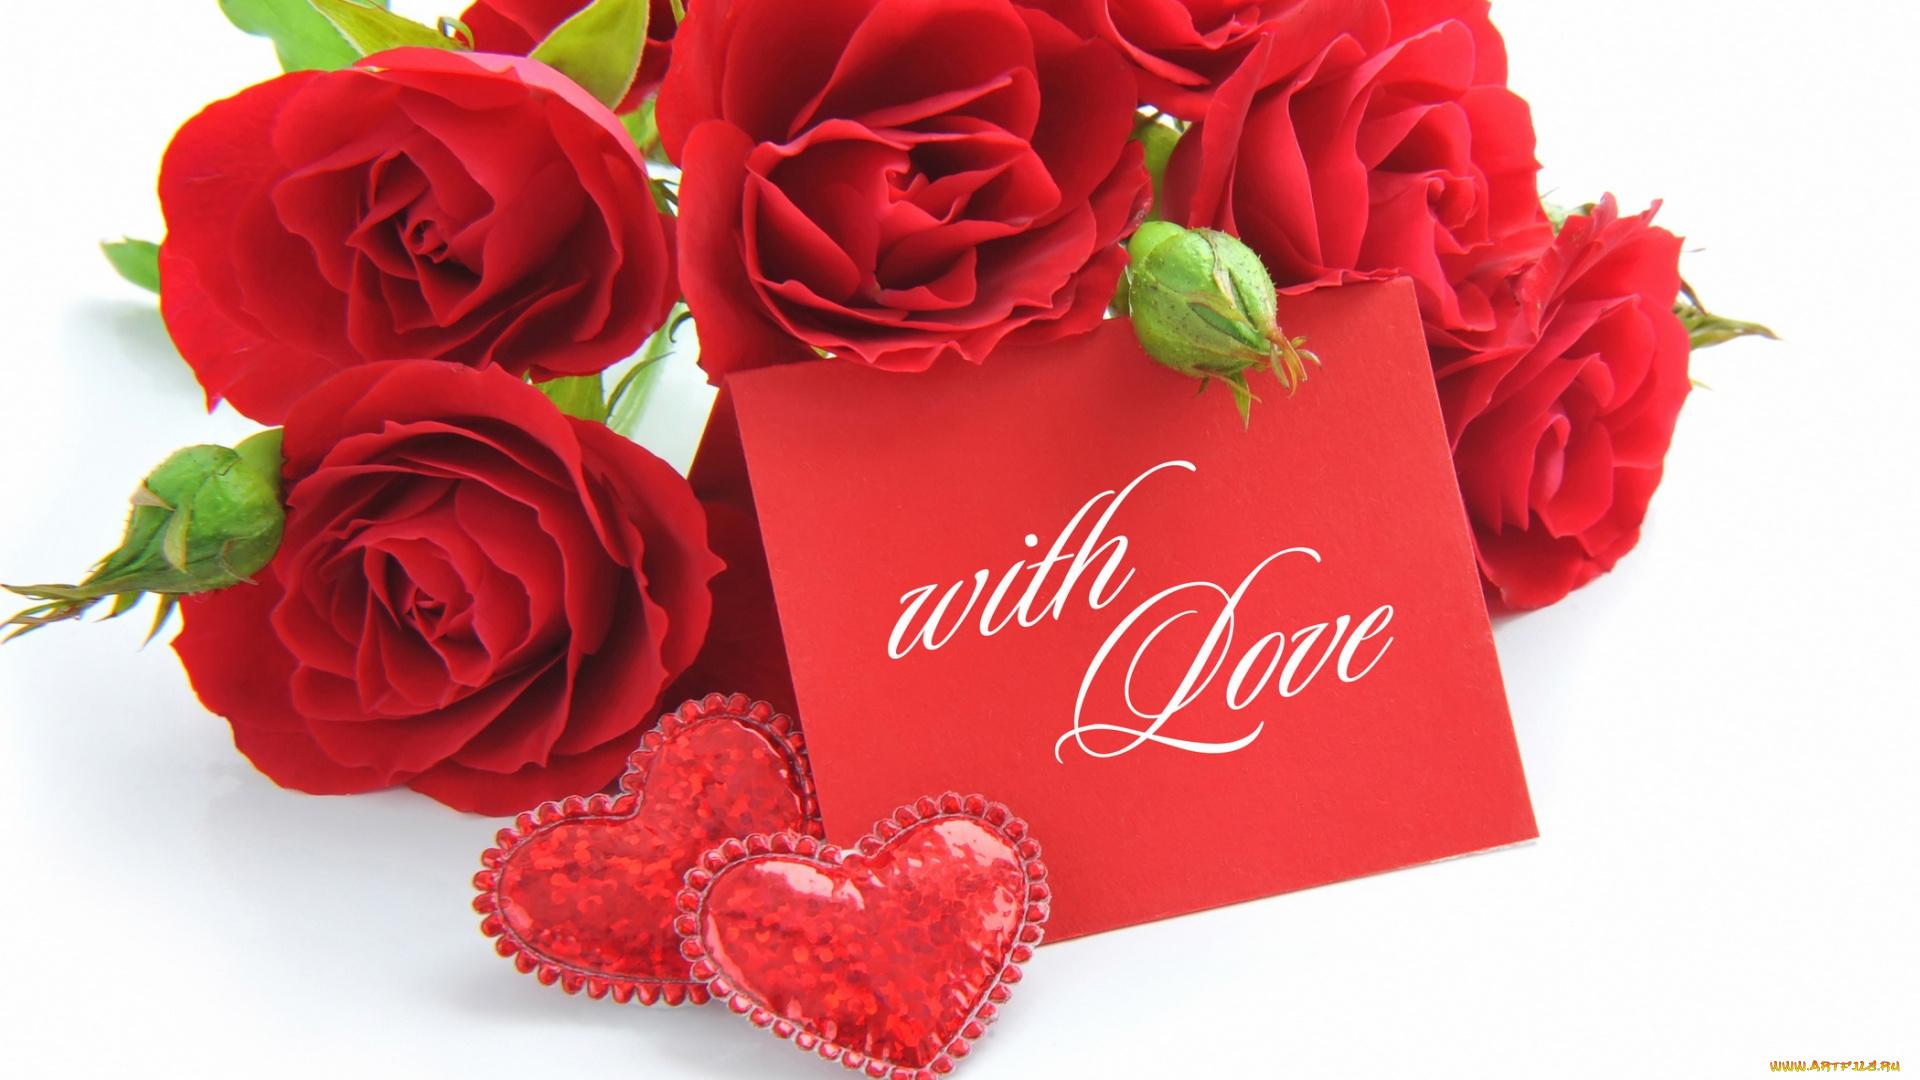 Картинки красивые розы с надписями (35 фото) Прикольные картинки и юмор 32